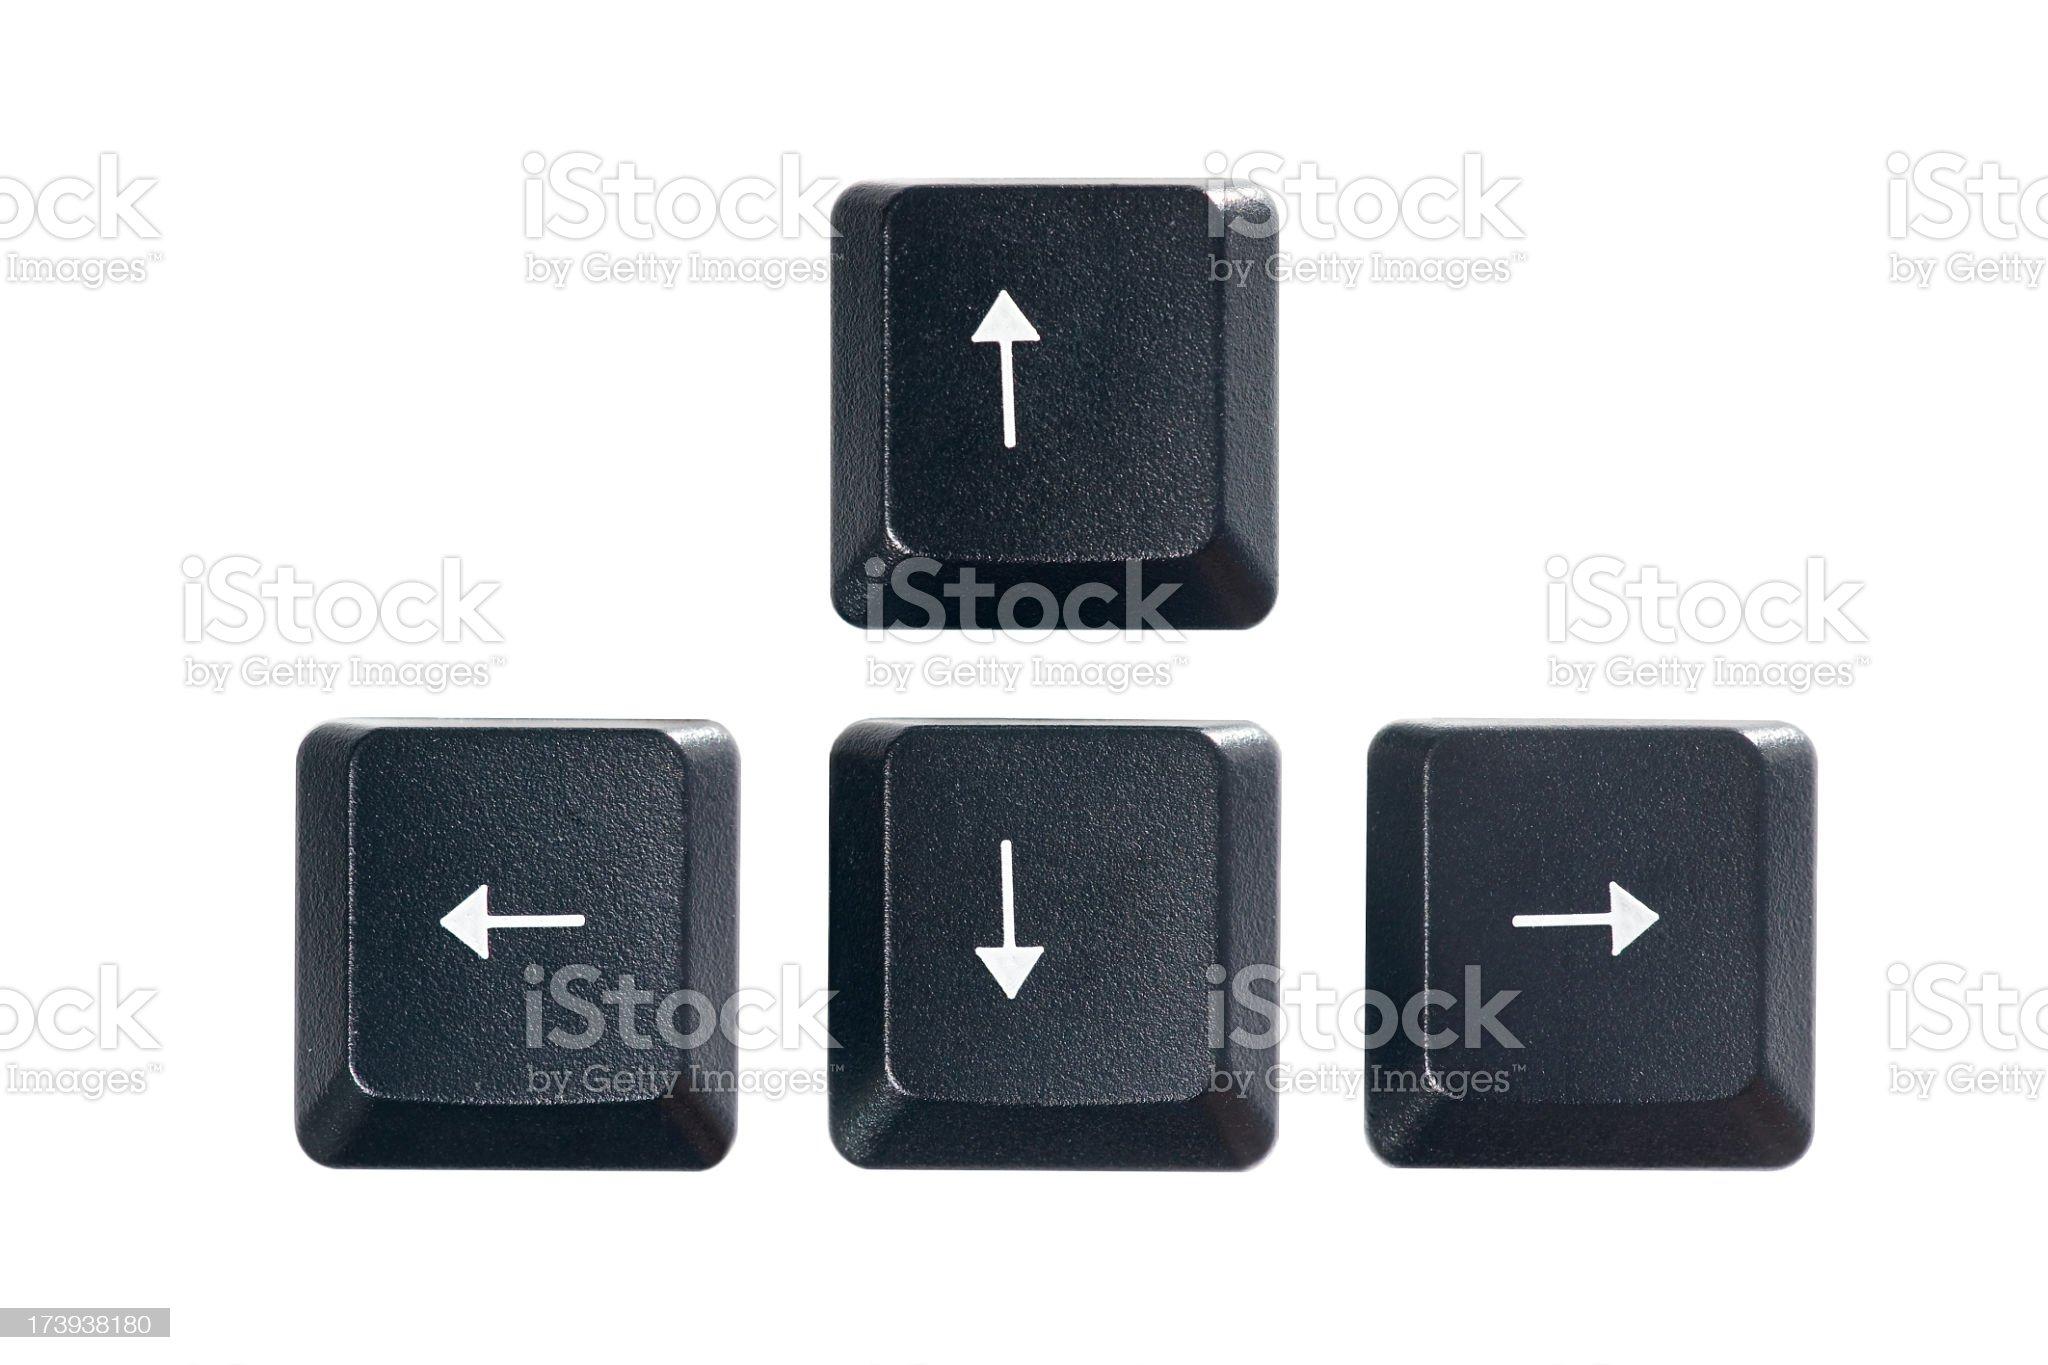 Arrow keys royalty-free stock photo